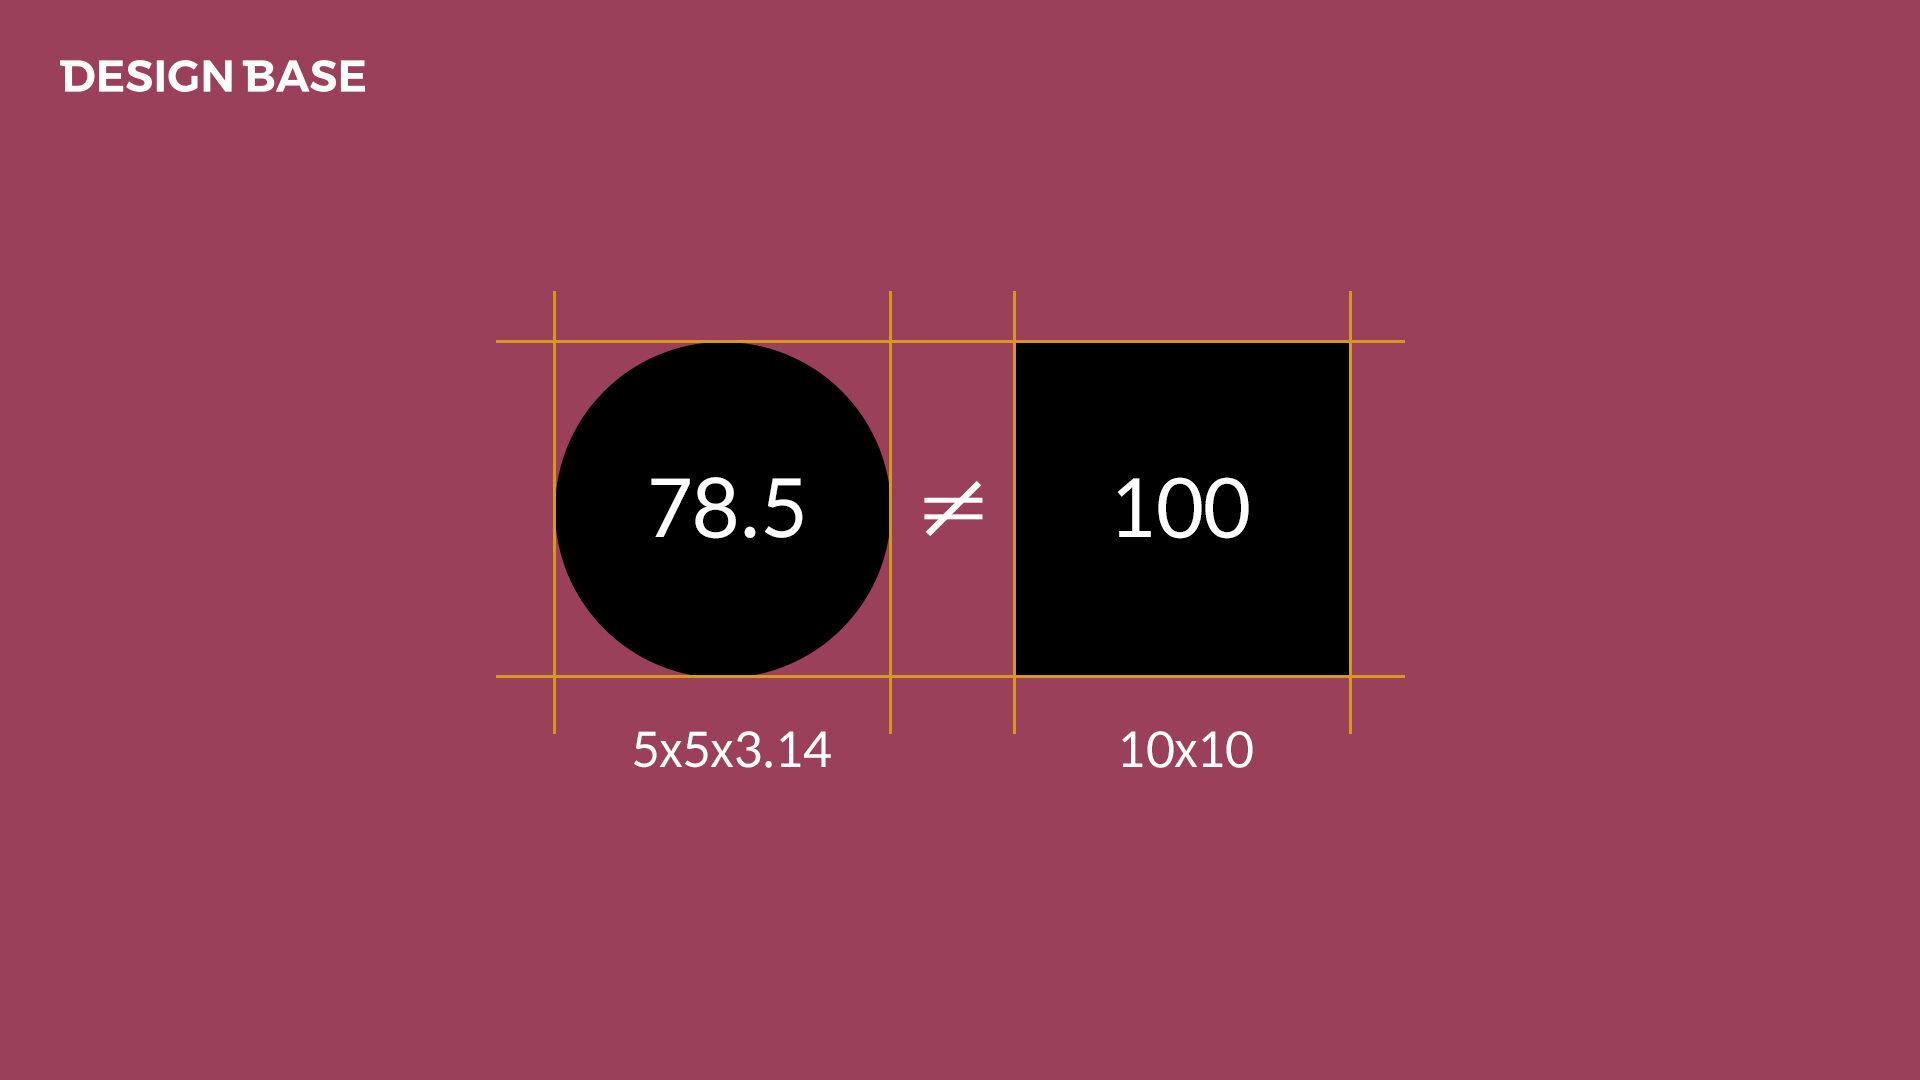 원과 정사각형의 넓이는 같지 않다.